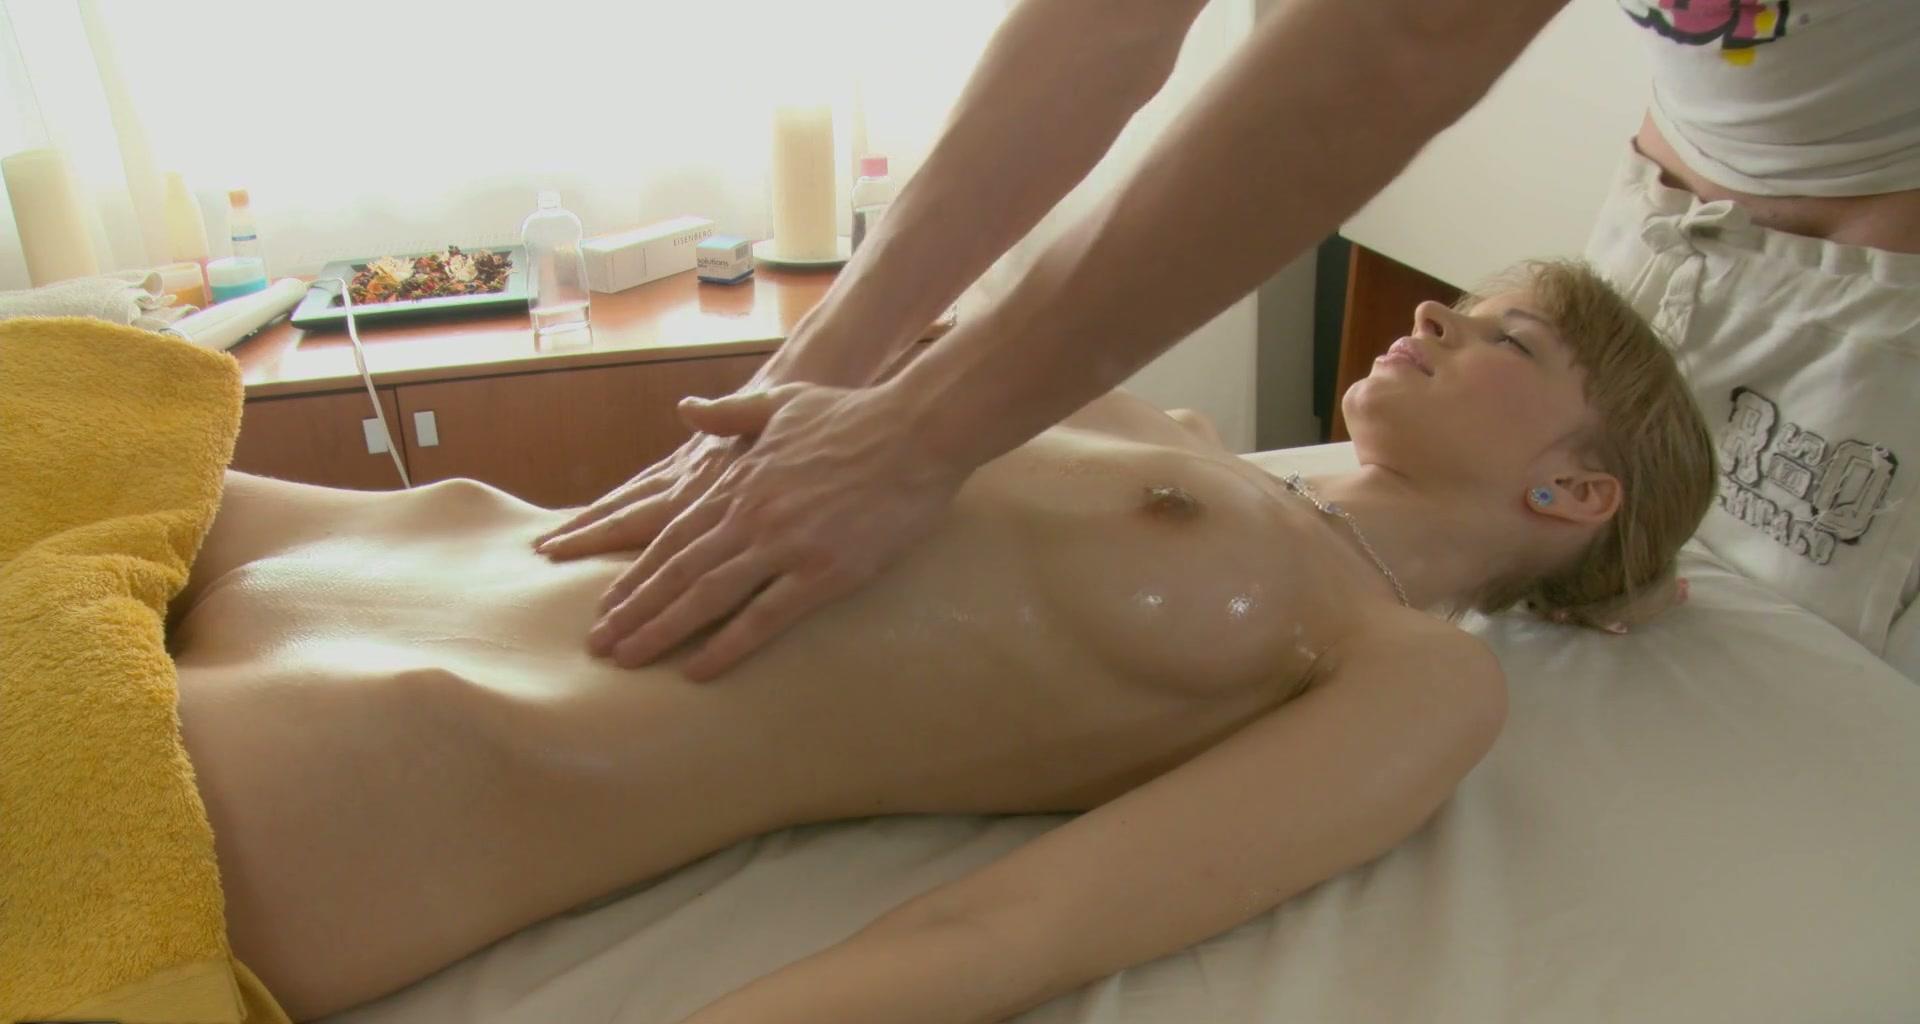 deutsche pornofilme gratis sehen